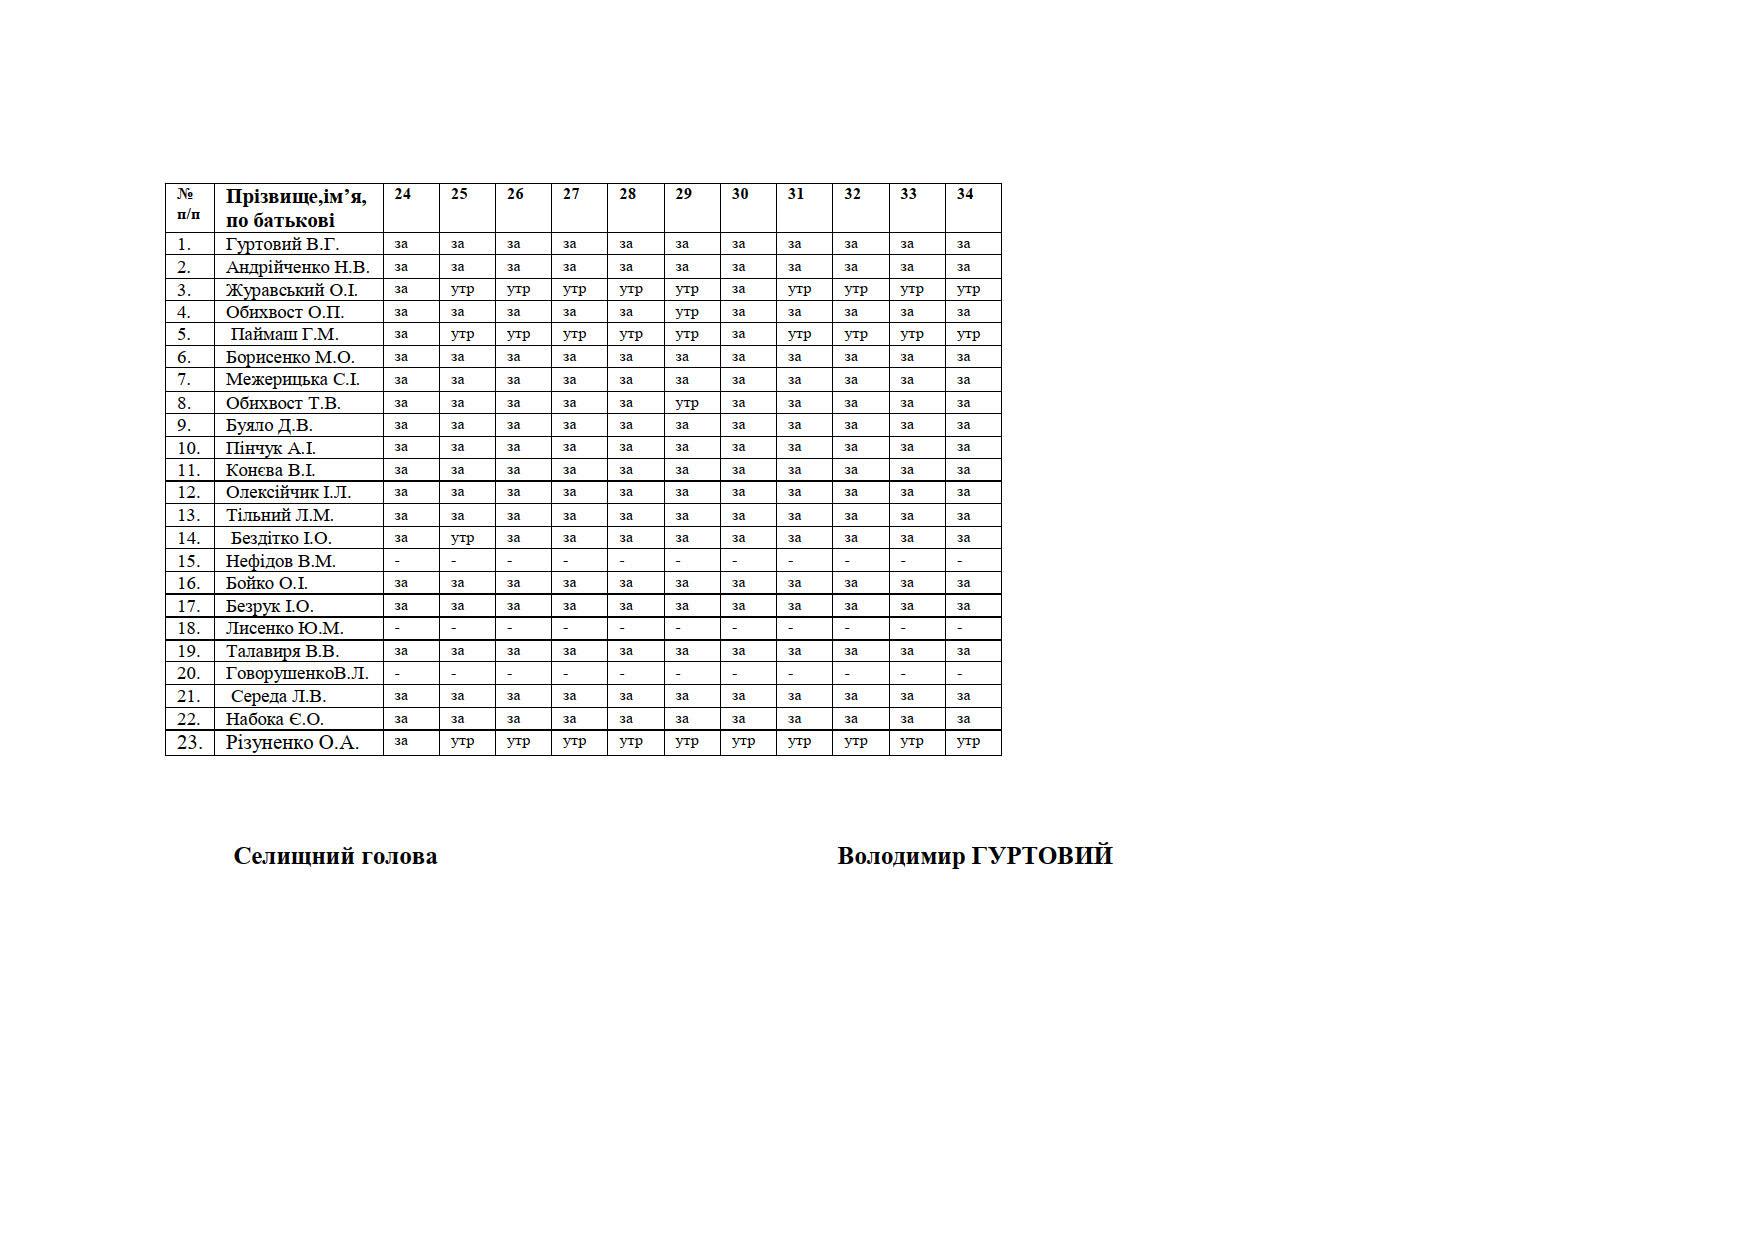 Список поіменного голосування_2